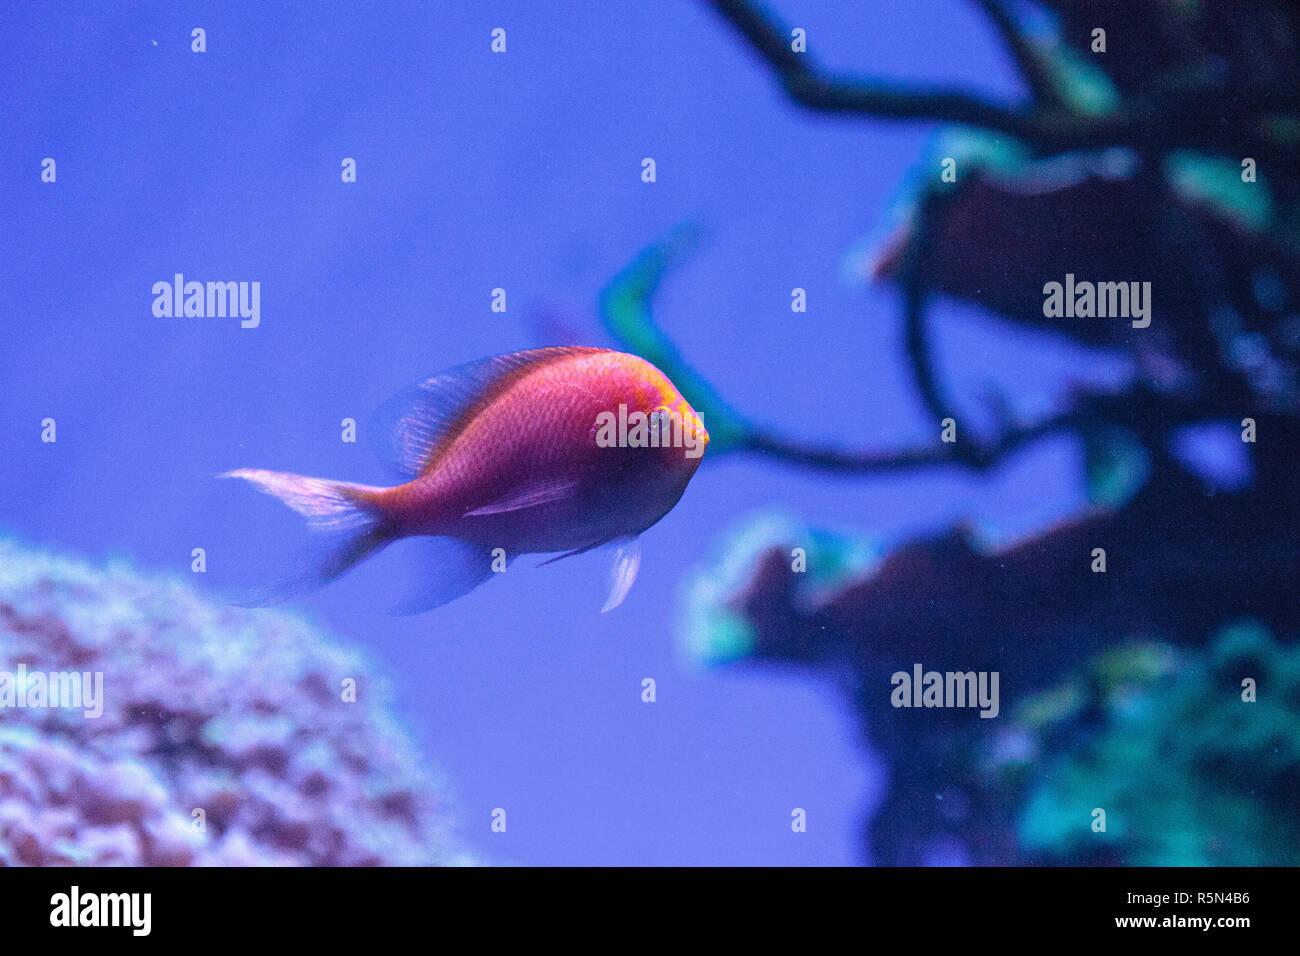 Sunburst anthias fish Serranocirrhitus latus - Stock Image